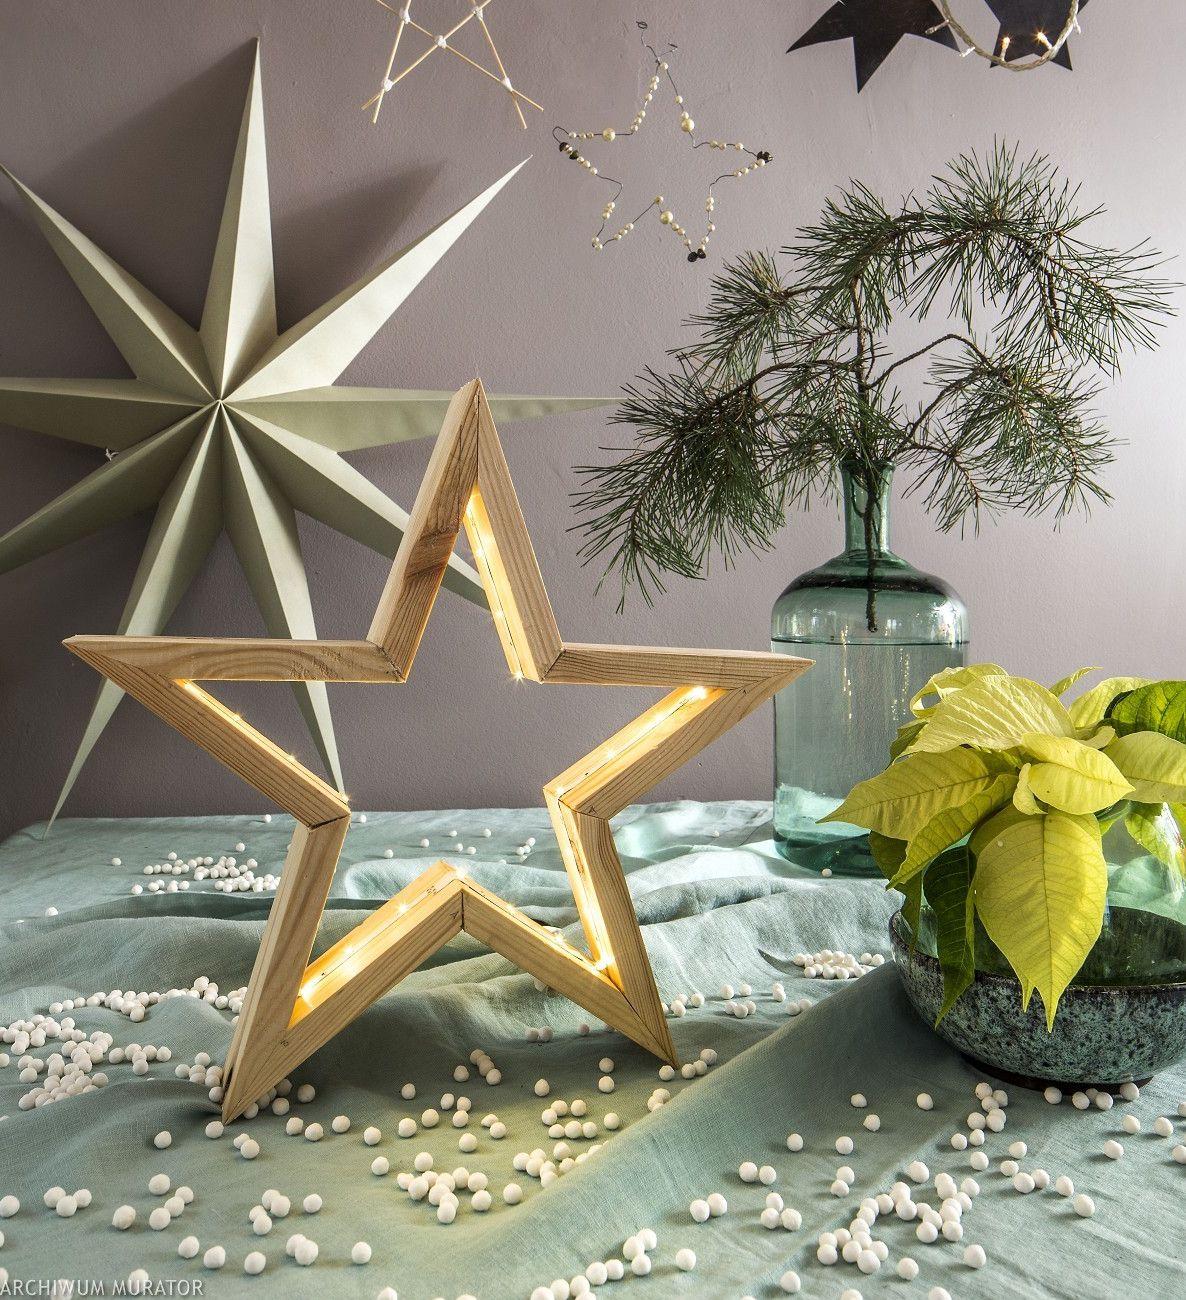 Jak Zrobić Gwiazdę Dekoracje świąteczne Zrób To Sam